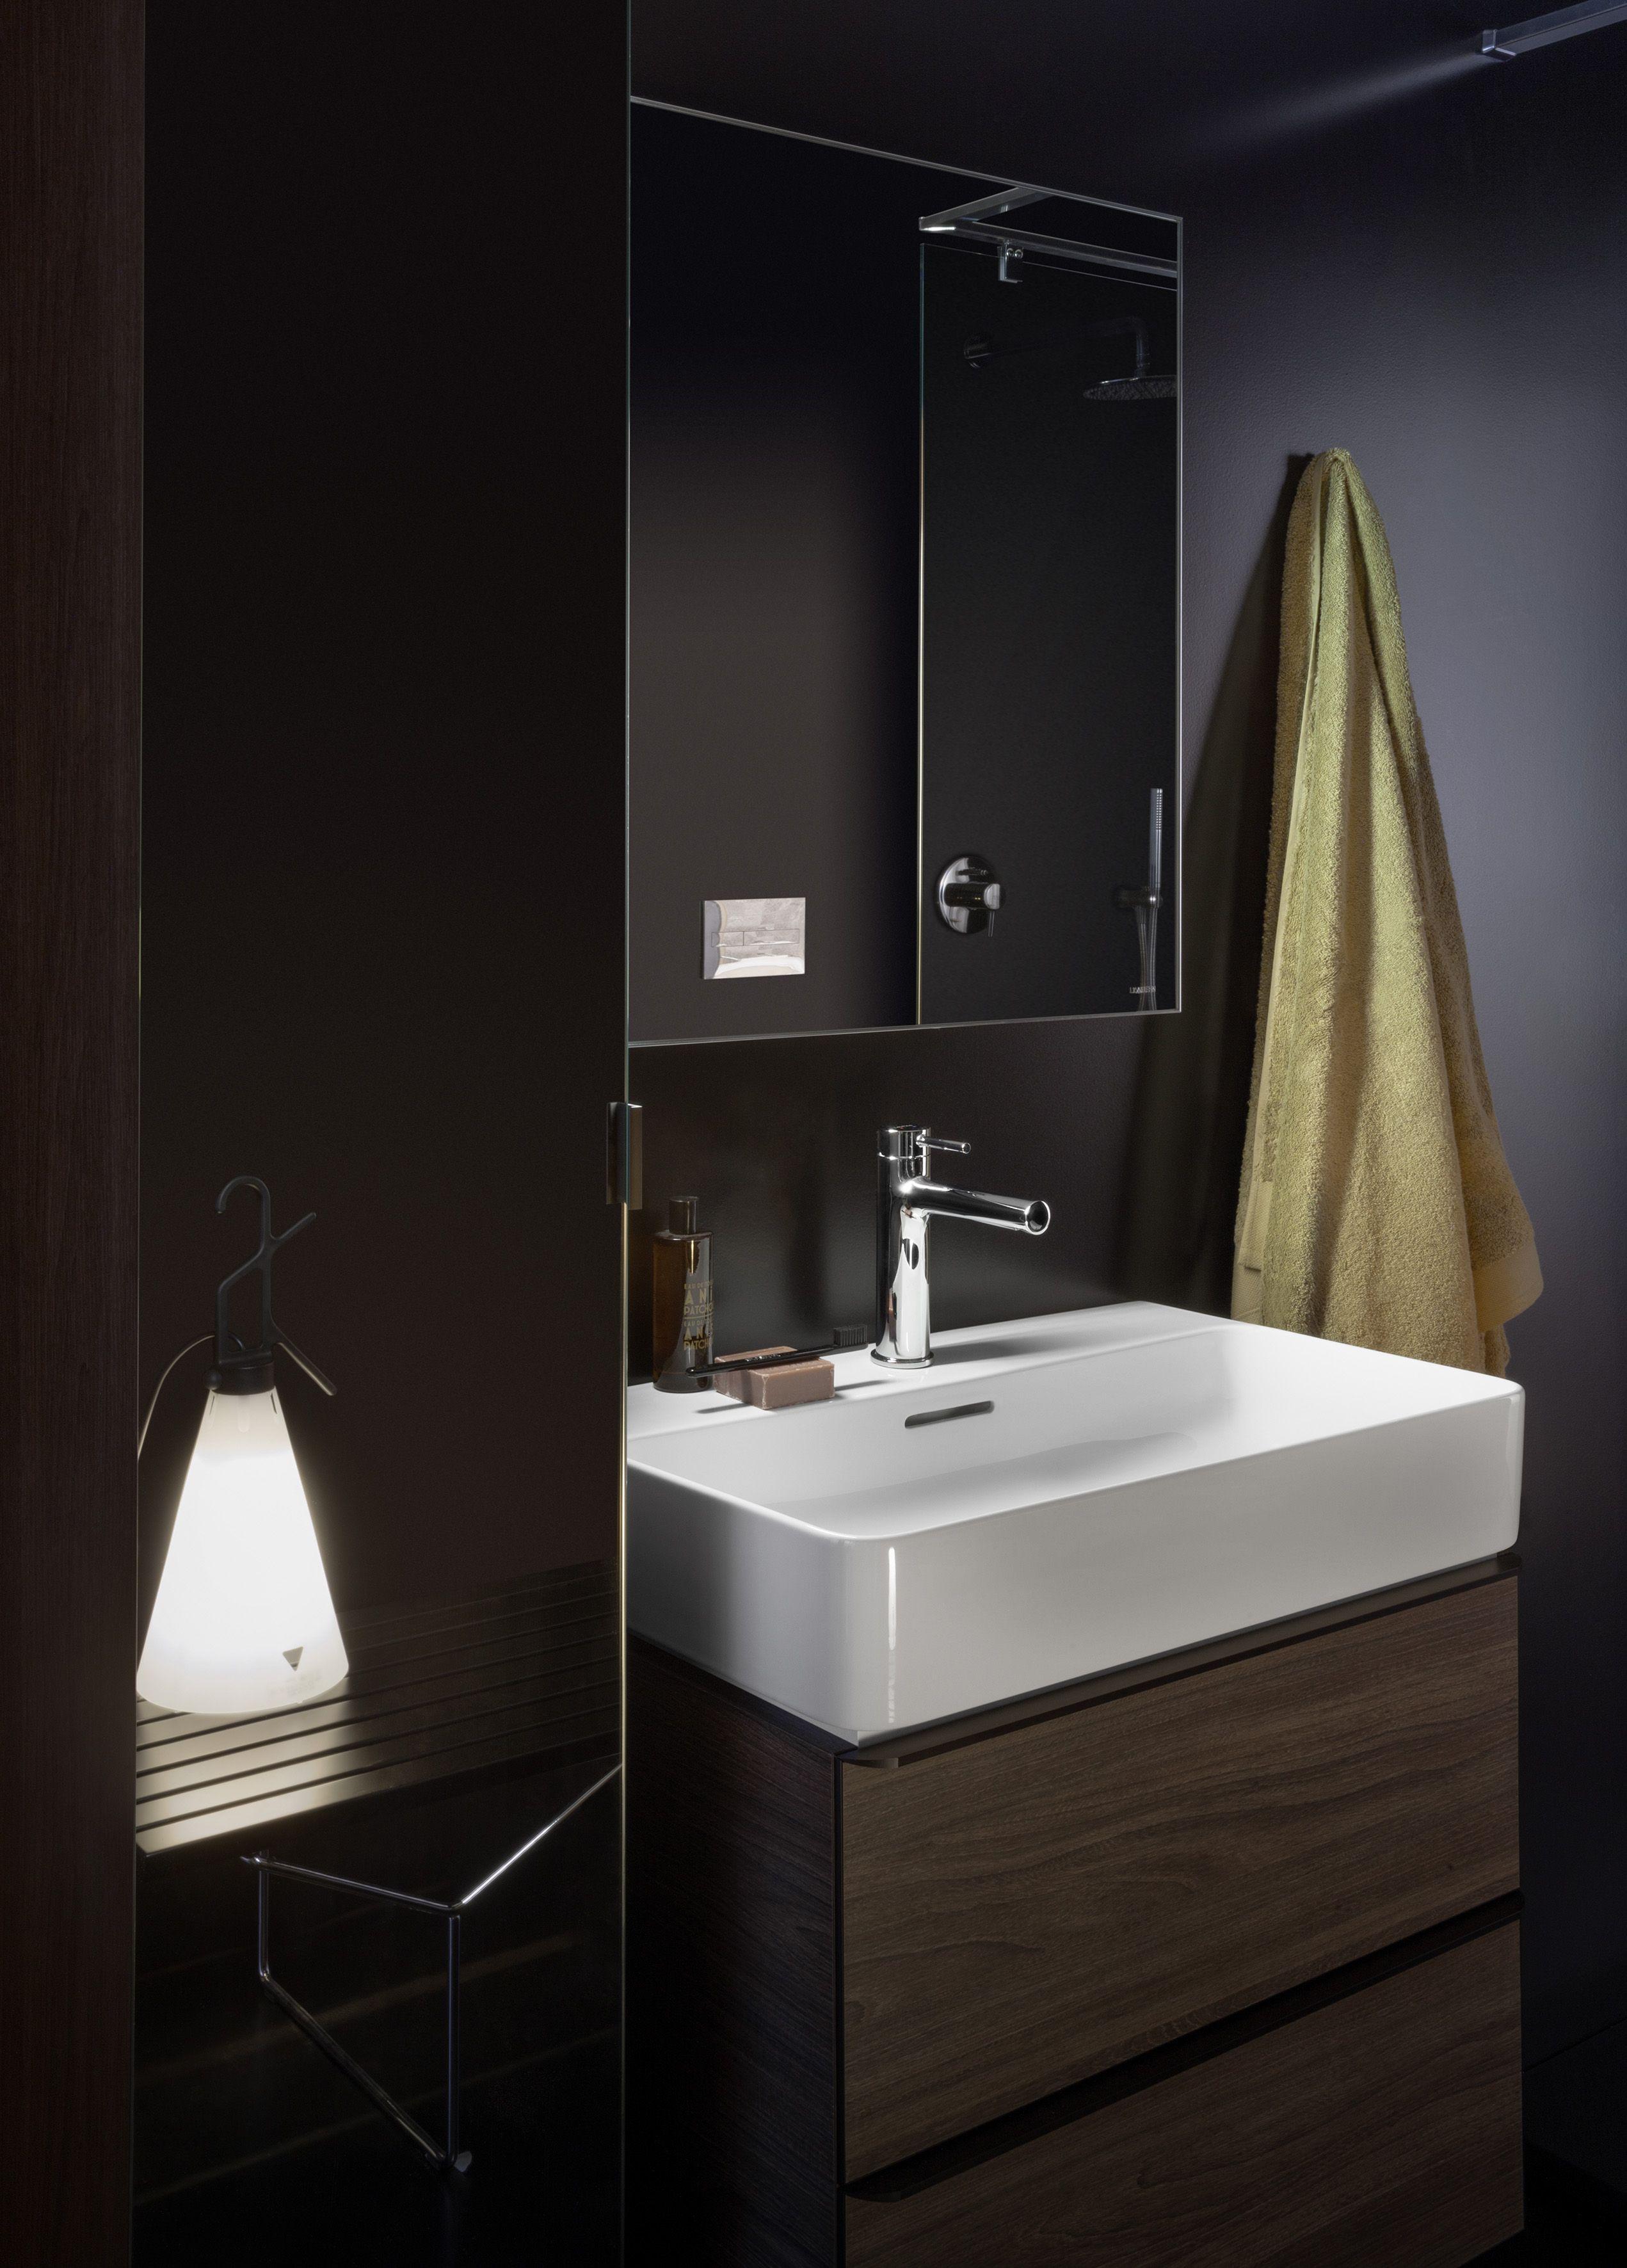 Stunning salle de bain lavabo collection VAL de Konstantin GRCIC pour Laufen En SaphirKeramik